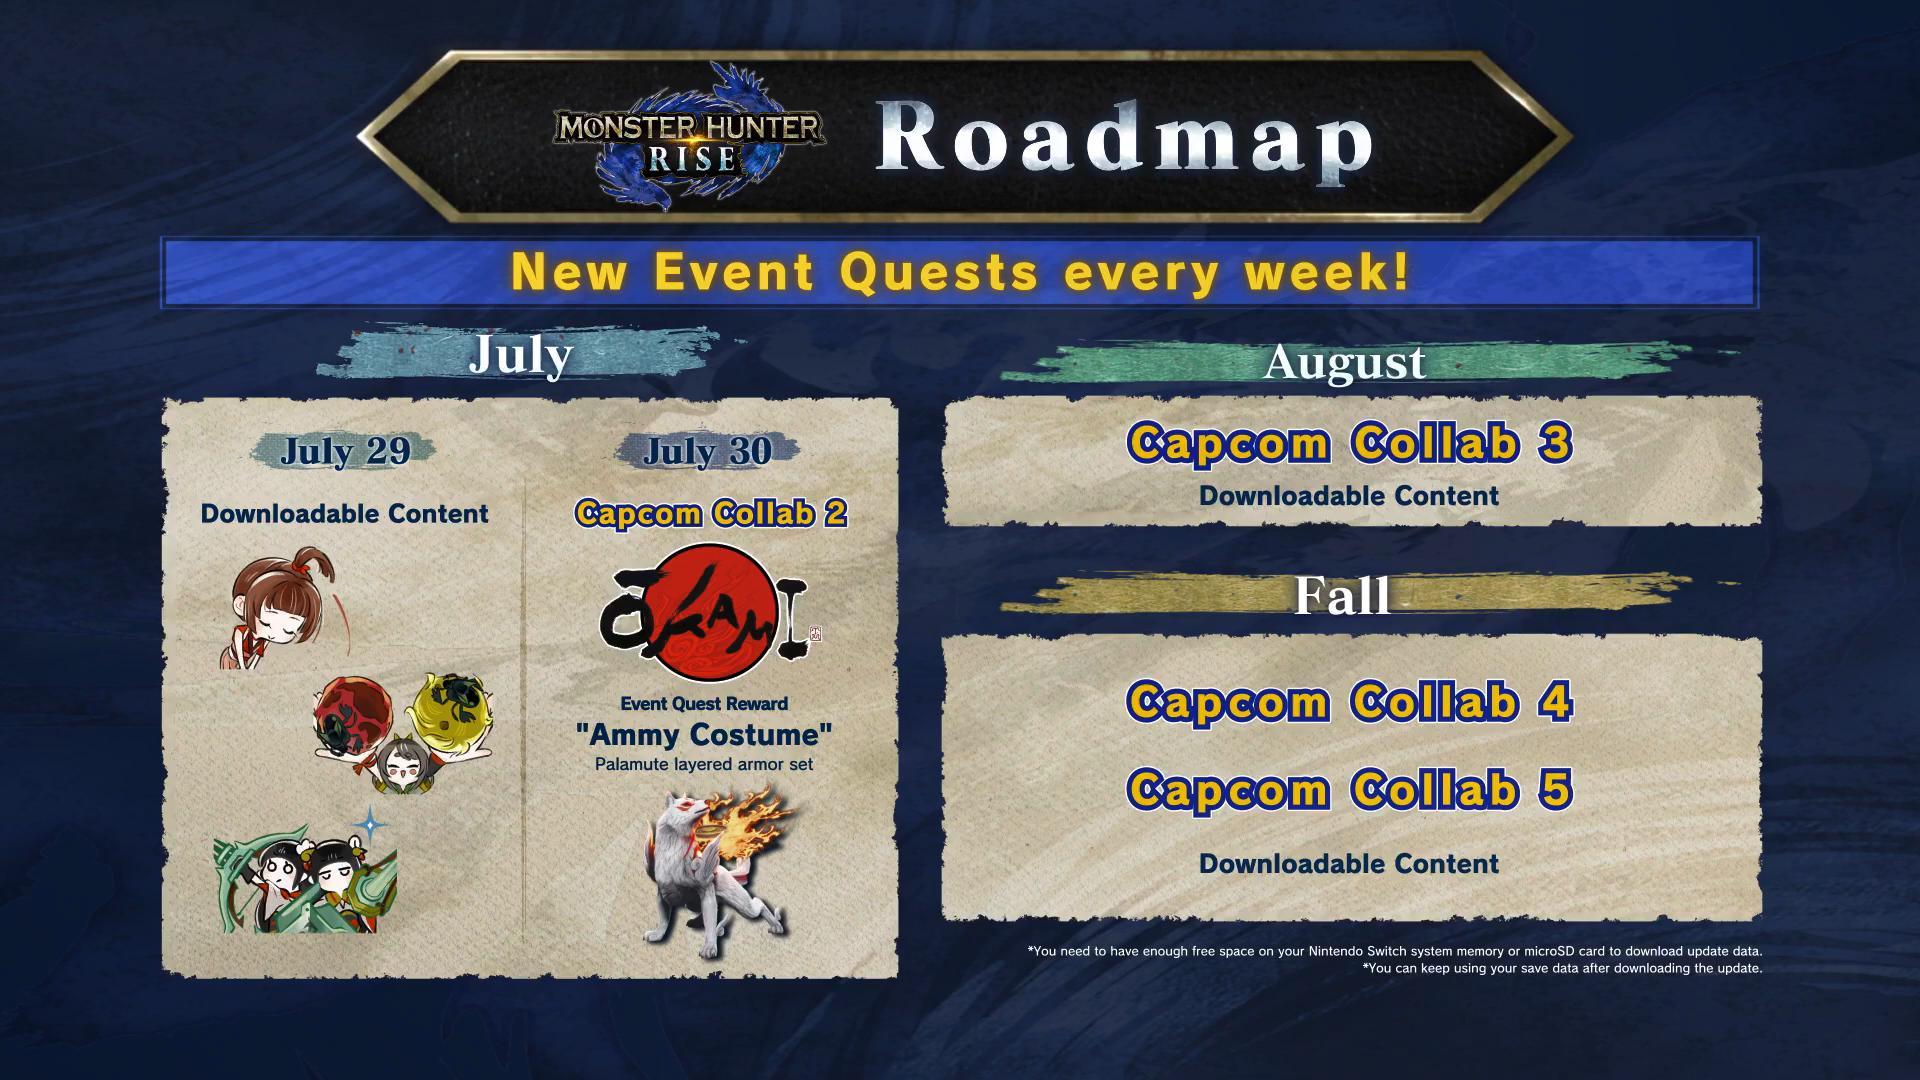 《怪物猎人:崛起》联动《大神》 牙猎犬新装备7月30日上线